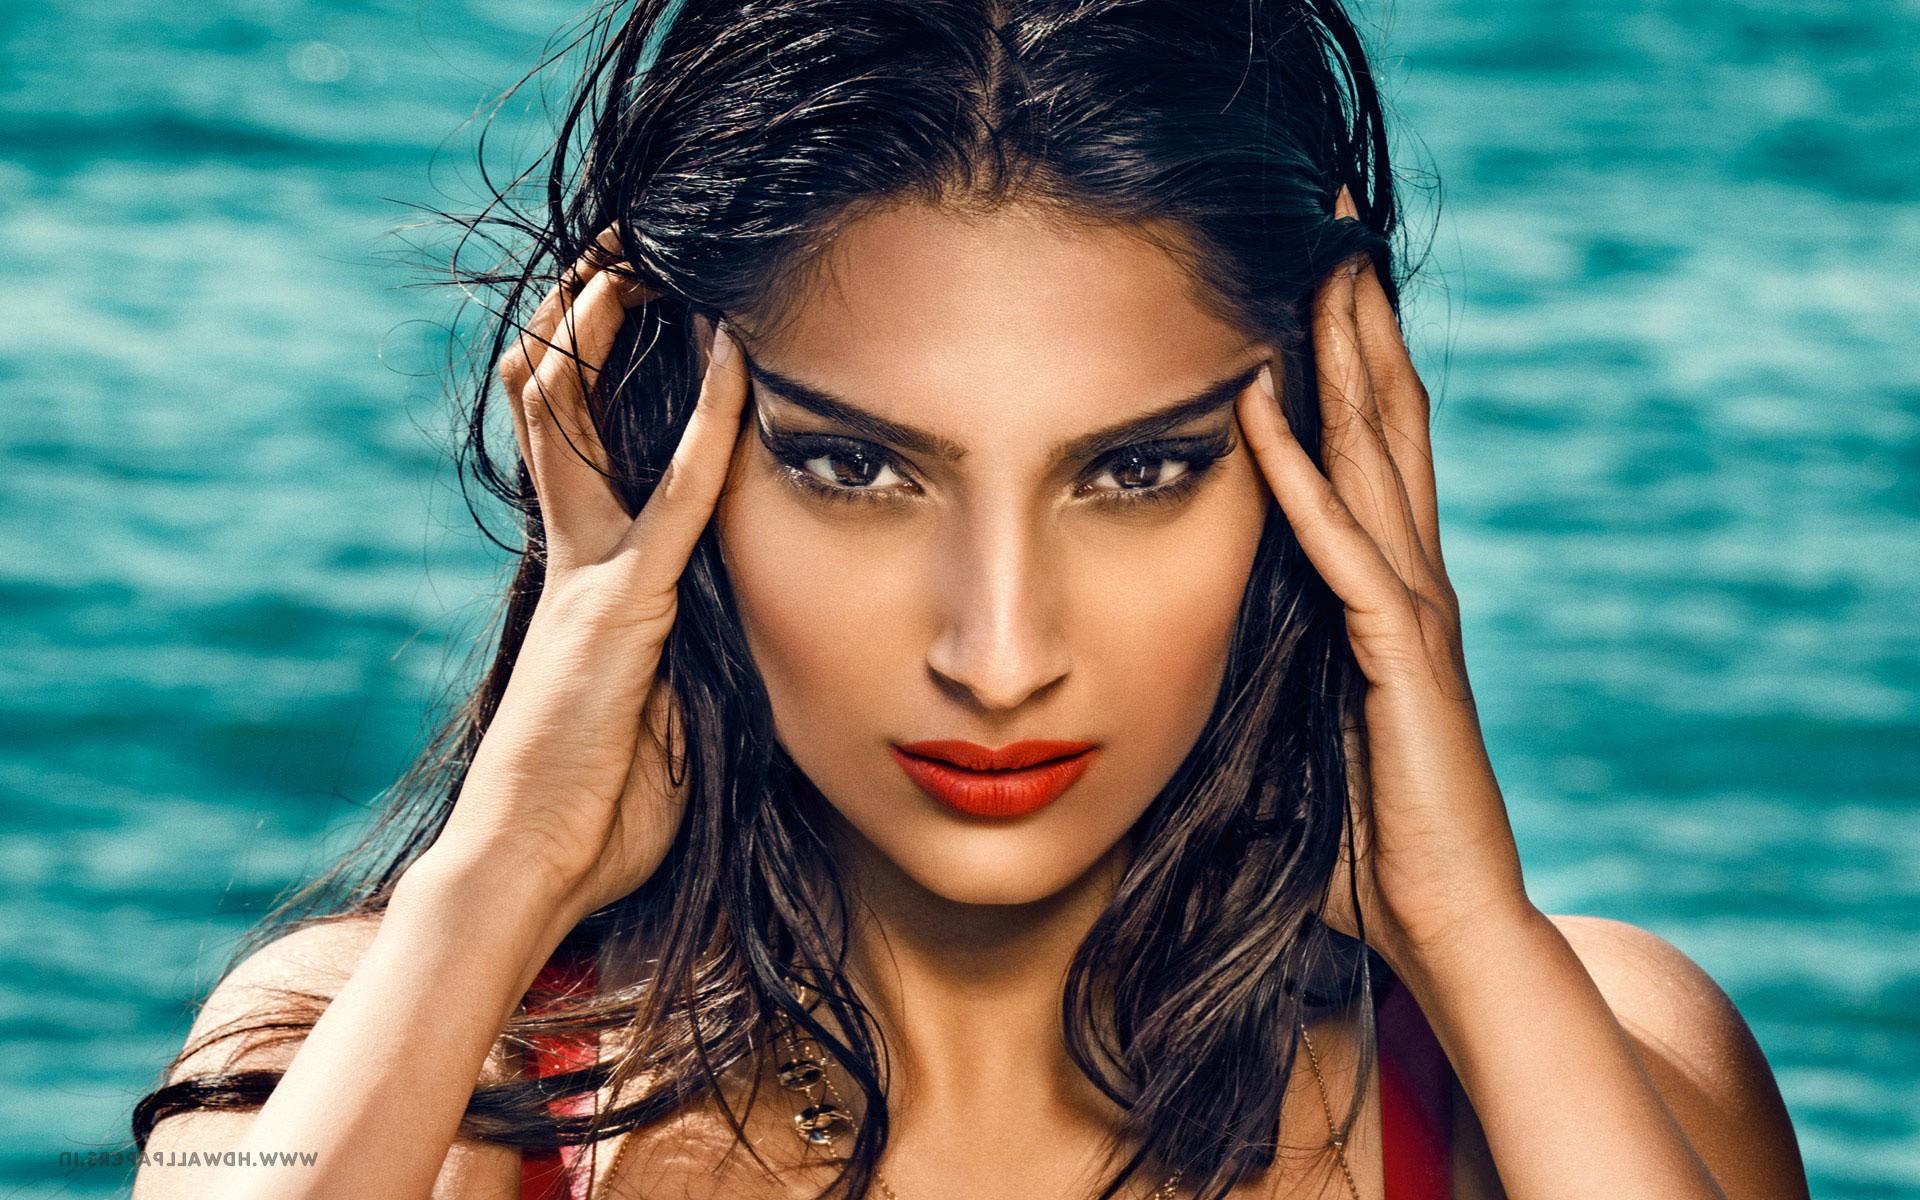 sonam kapoor 3, hd indian celebrities, 4k wallpapers, images